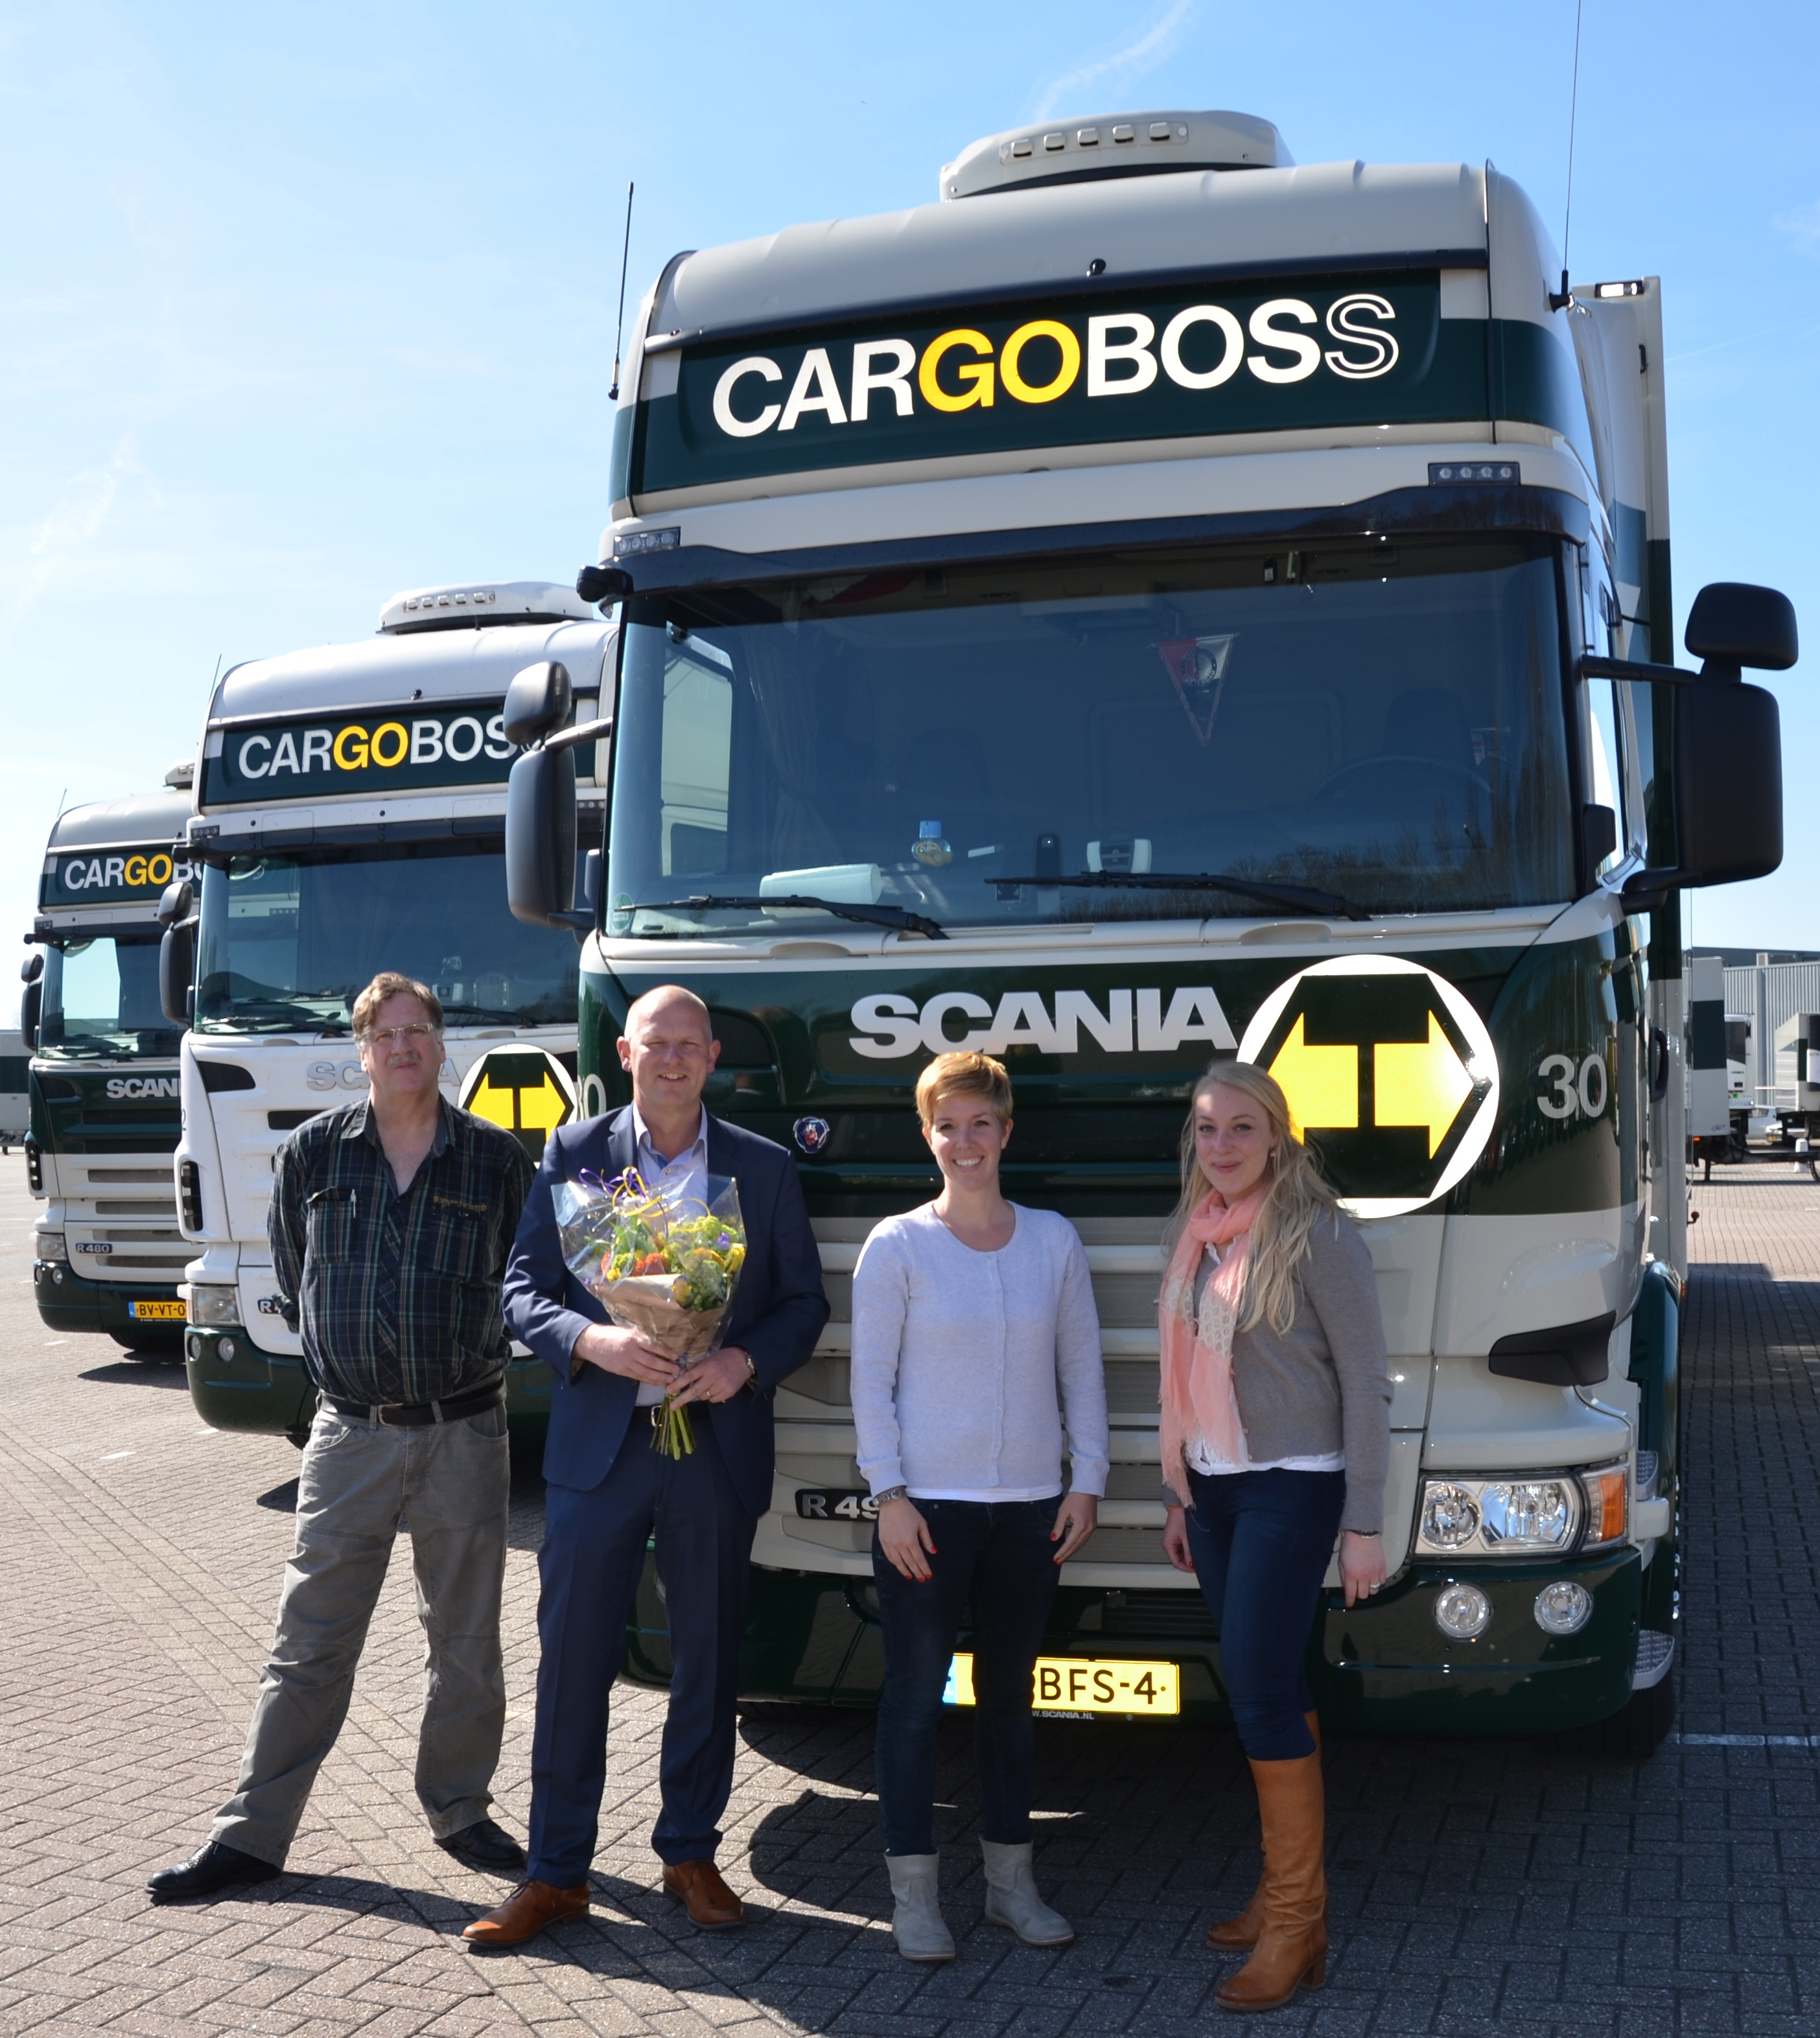 ... (Cargoboss), Linda de Bruin (Cargoboss) en Renée van Leeuwen (MCt